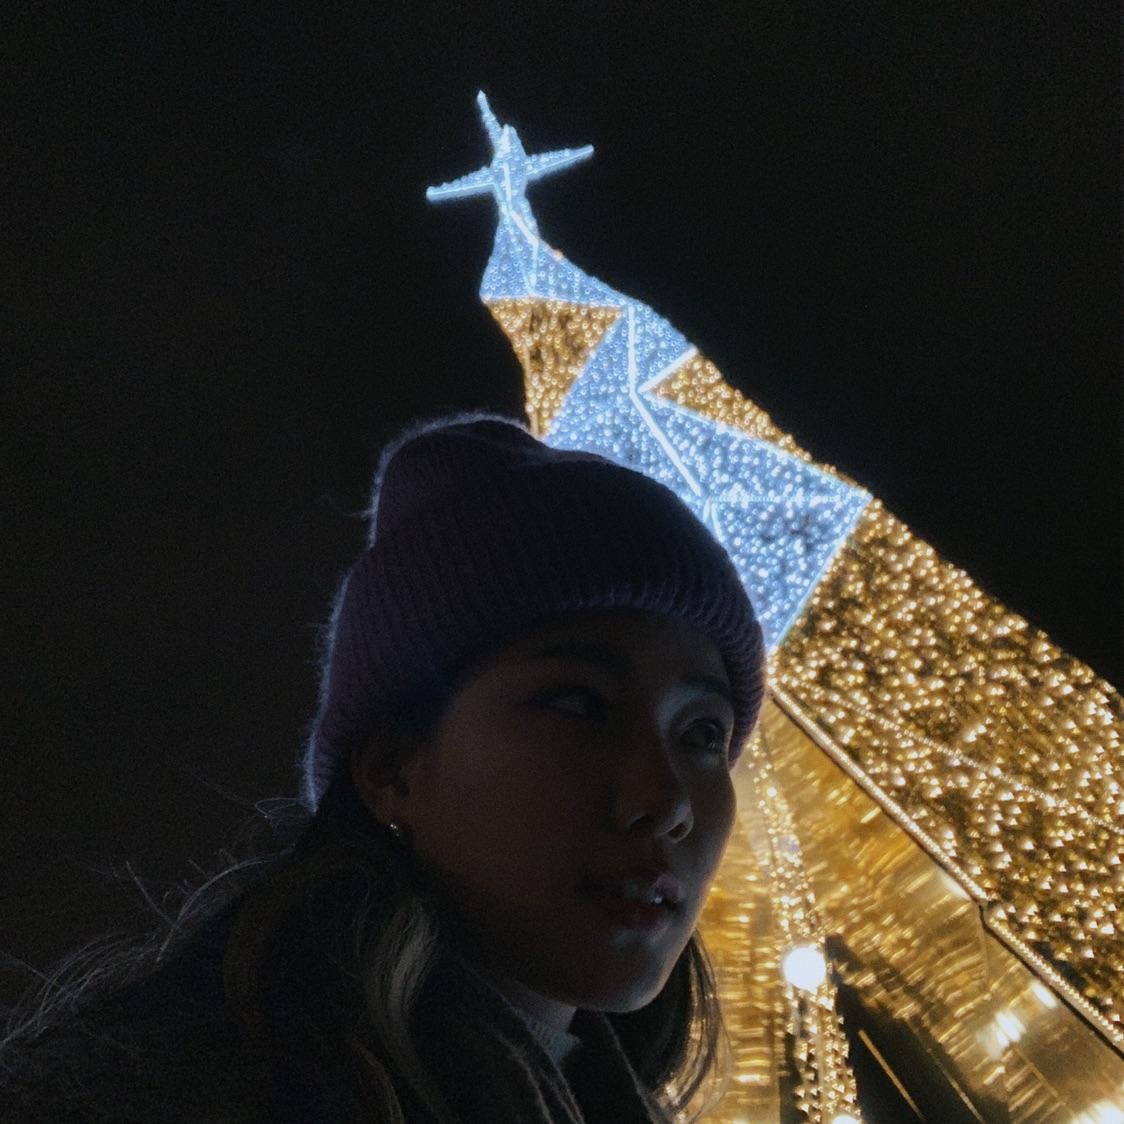 La Défense圣诞市集太好逛啦!🎄